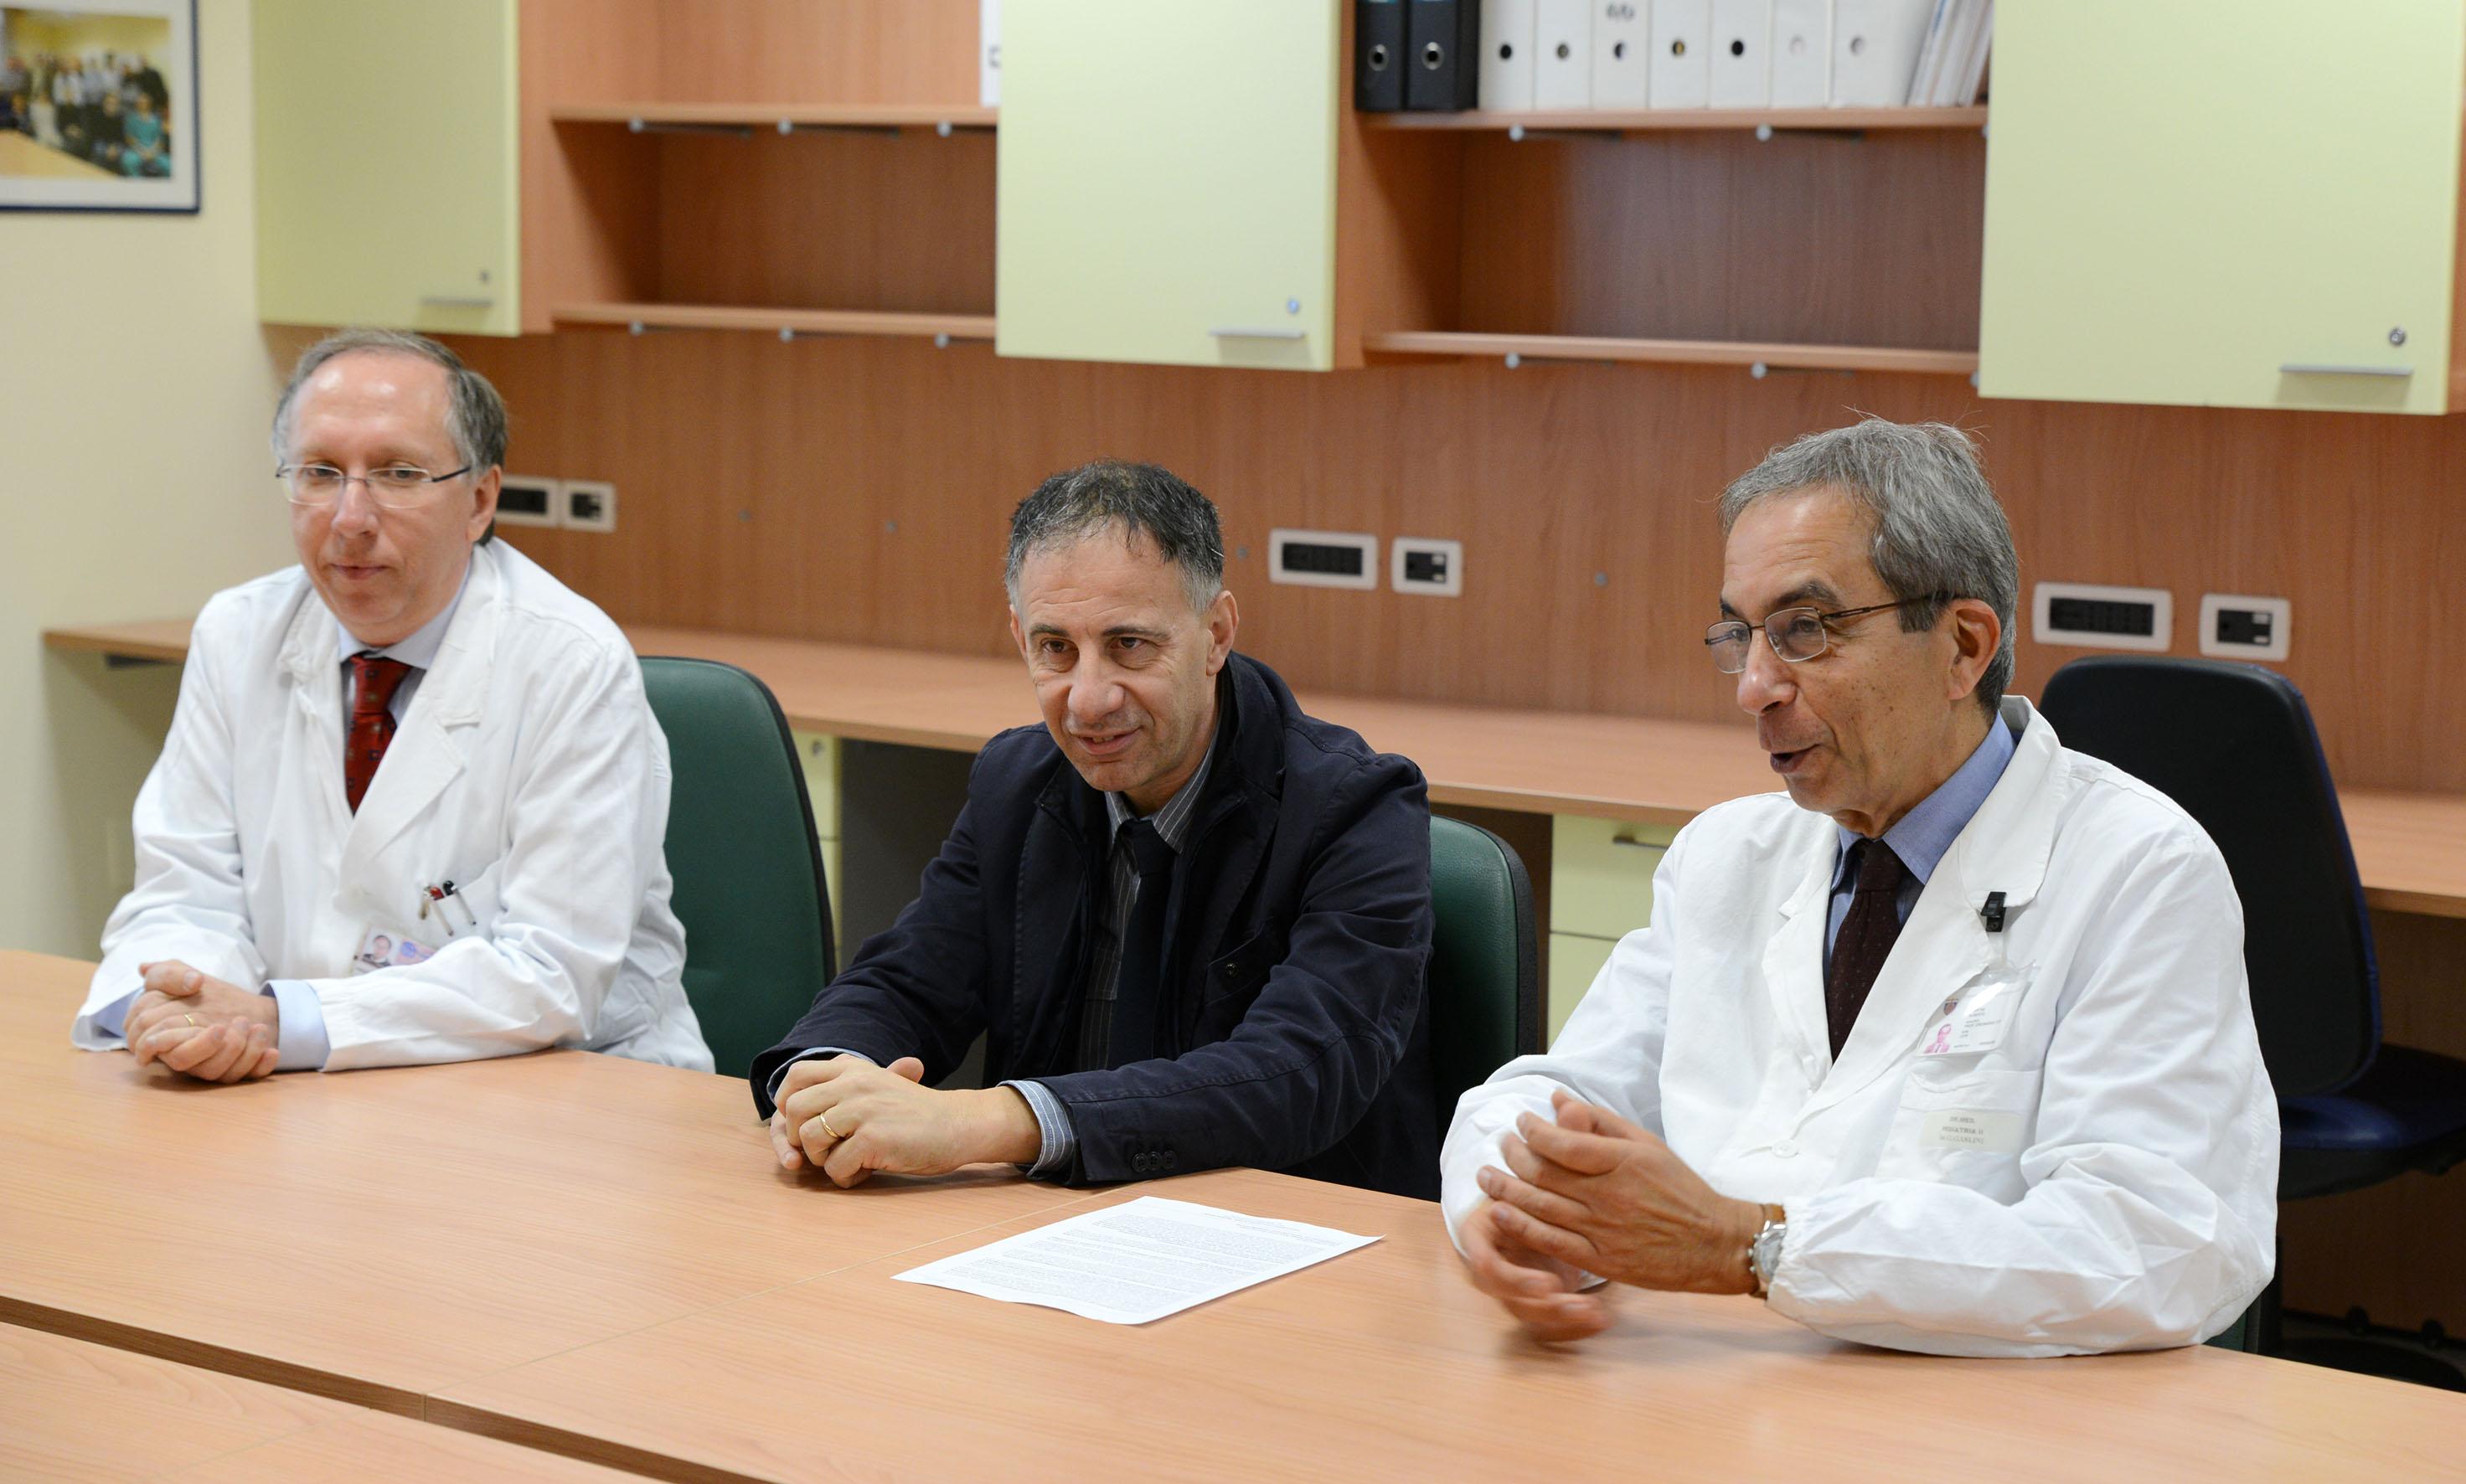 Scoperta al Gaslini una cura per l'artrite